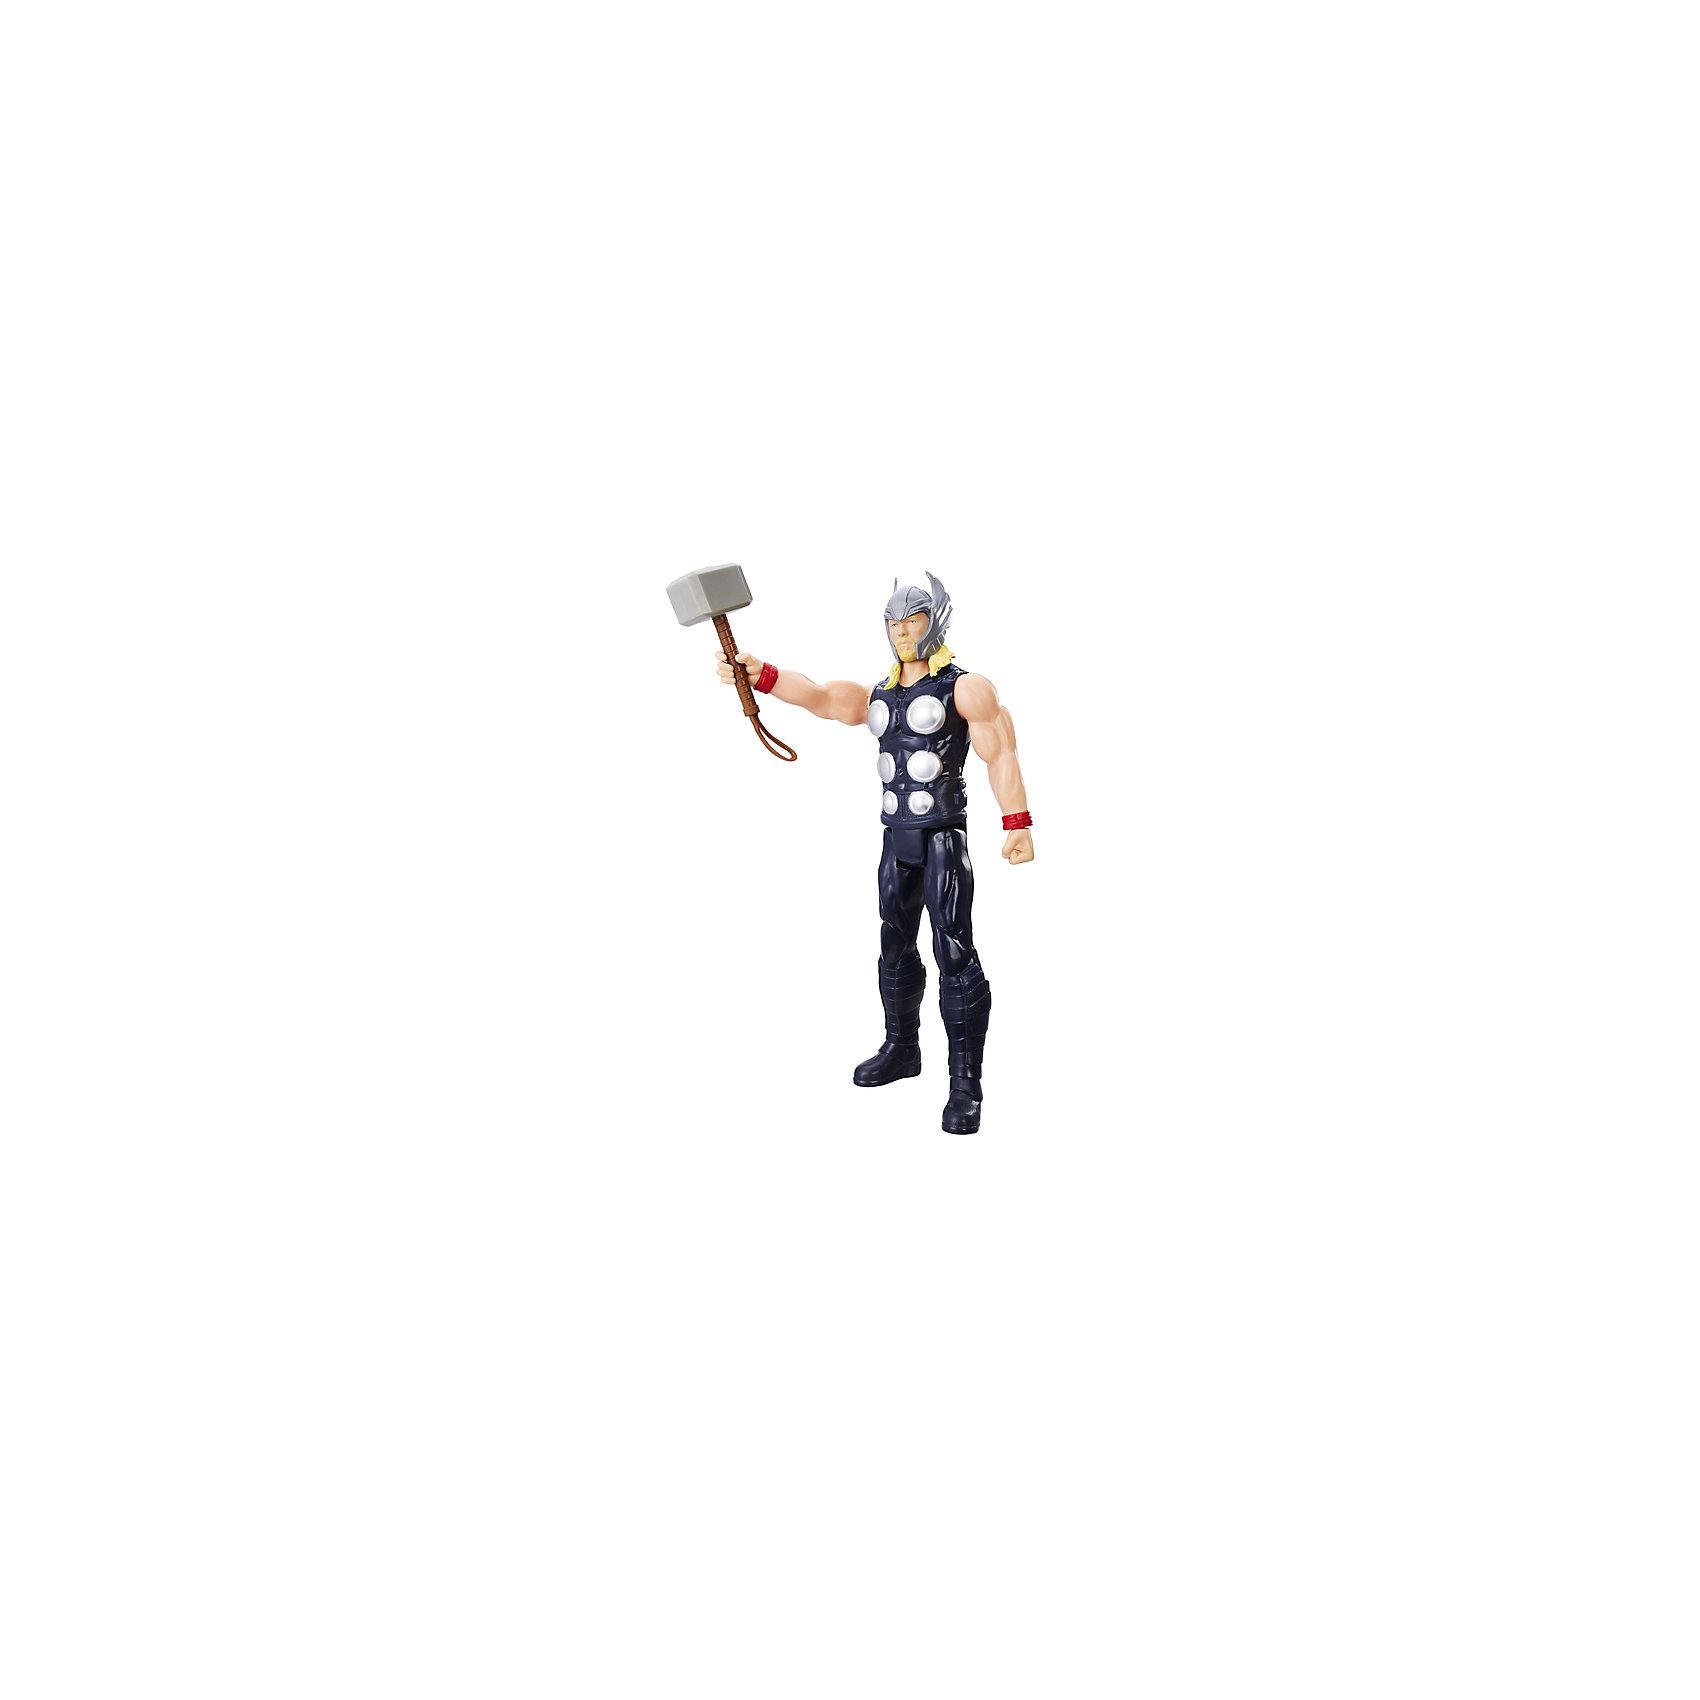 Фигурка Мстители Hasbro Титаны, ТорЛюбимые герои<br>Характеристики:<br><br>• фигурка героя из цикла мультфильмов Мстители для мальчиков;<br>• руки и ноги подвижны;<br>• голова поворачивается;<br>• имеются точки артикуляции;<br>• герой может принимать различные позы;<br>• игрушка изготовлена из прочтного пластика;<br>• в комплекте оружие;<br>• высота Титана: 30 см;<br>• размер упаковки: 30,5х10,5х5,5 см.<br><br>Фигурку Титаны, Мстители Hasbro хасбро можно купить в нашем интернет-магазине.<br><br>Ширина мм: 306<br>Глубина мм: 104<br>Высота мм: 55<br>Вес г: 258<br>Возраст от месяцев: 48<br>Возраст до месяцев: 96<br>Пол: Мужской<br>Возраст: Детский<br>SKU: 7129380